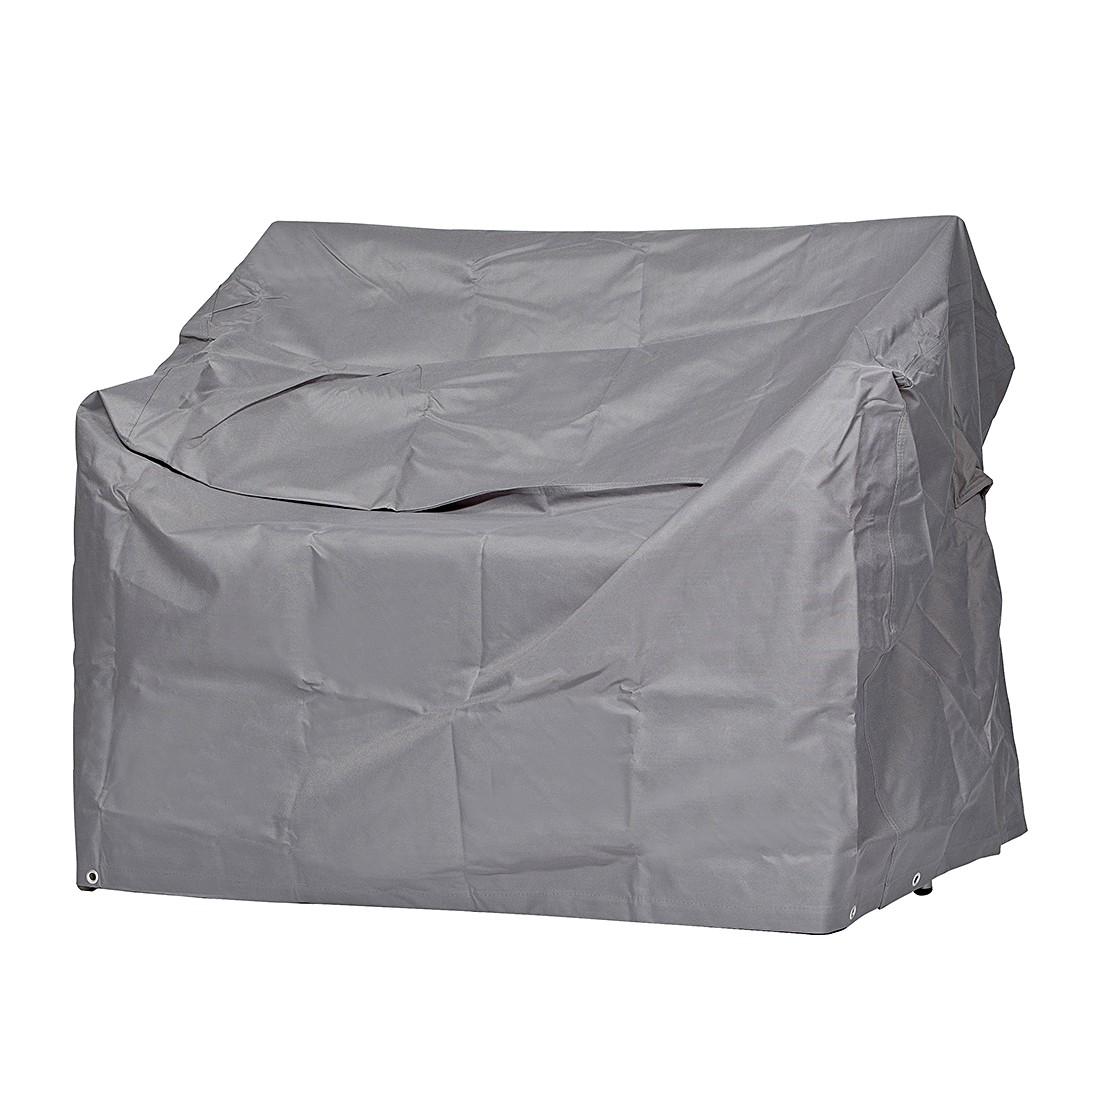 Schutzhülle Premium für Gartenbank (3-Sitzer) - Polyester, mehr Garten